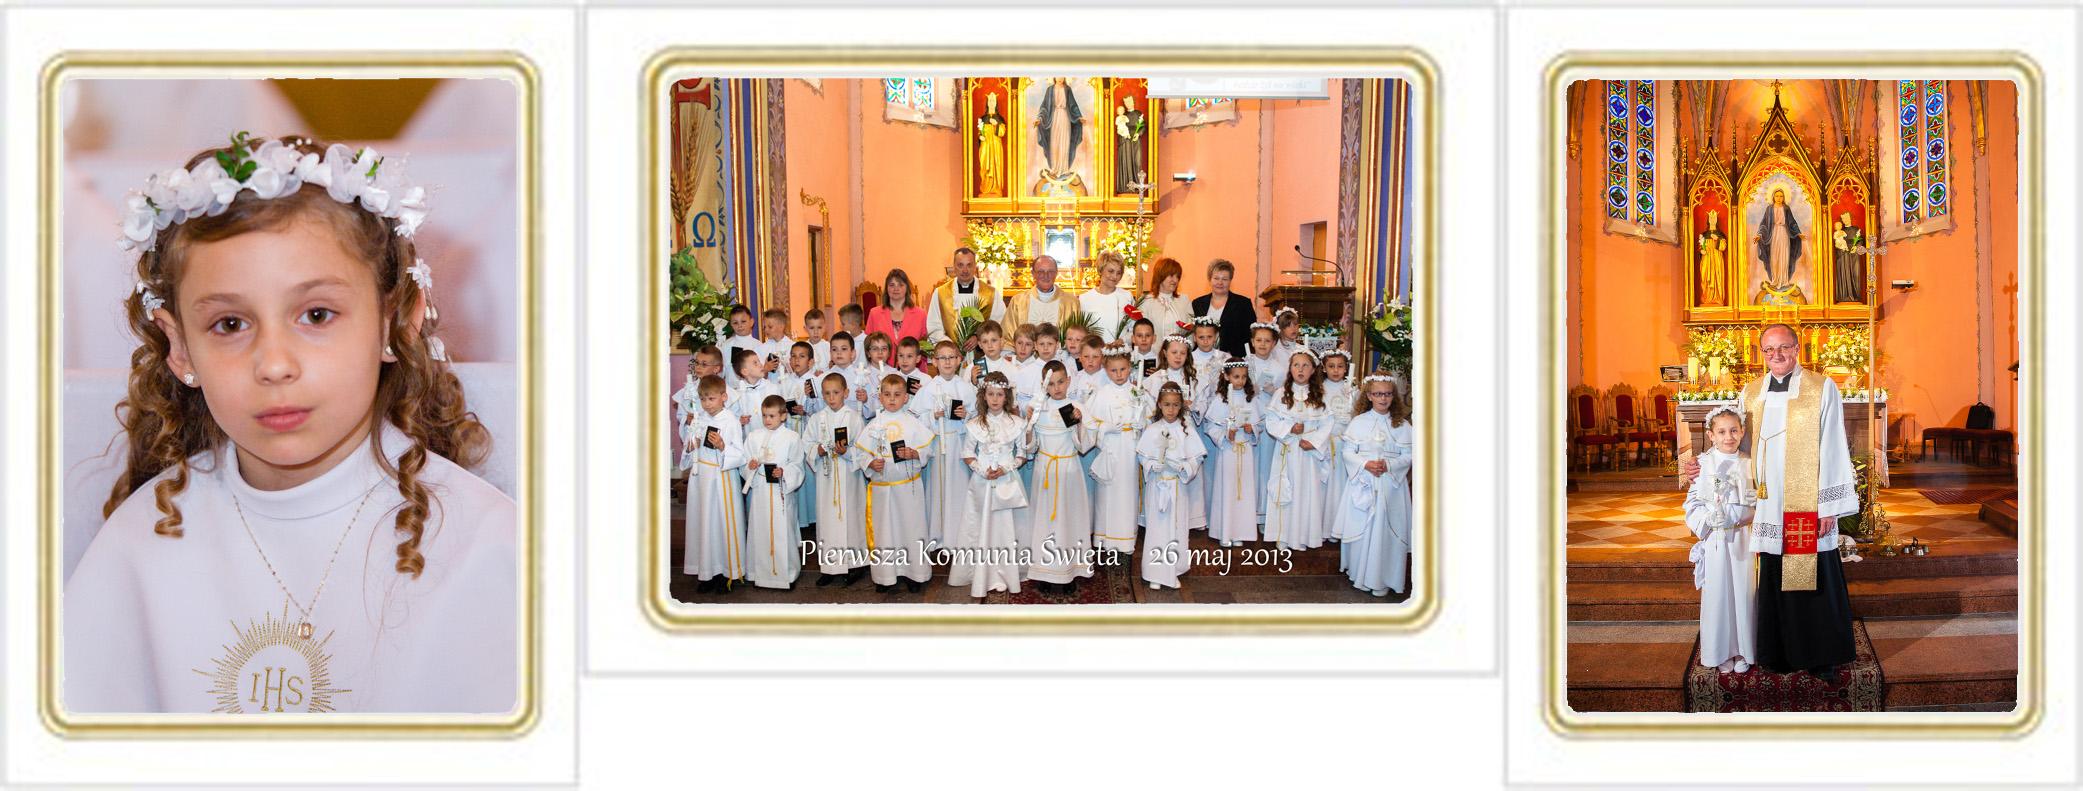 Zdjęcia Pierwszej Komunii Świętej